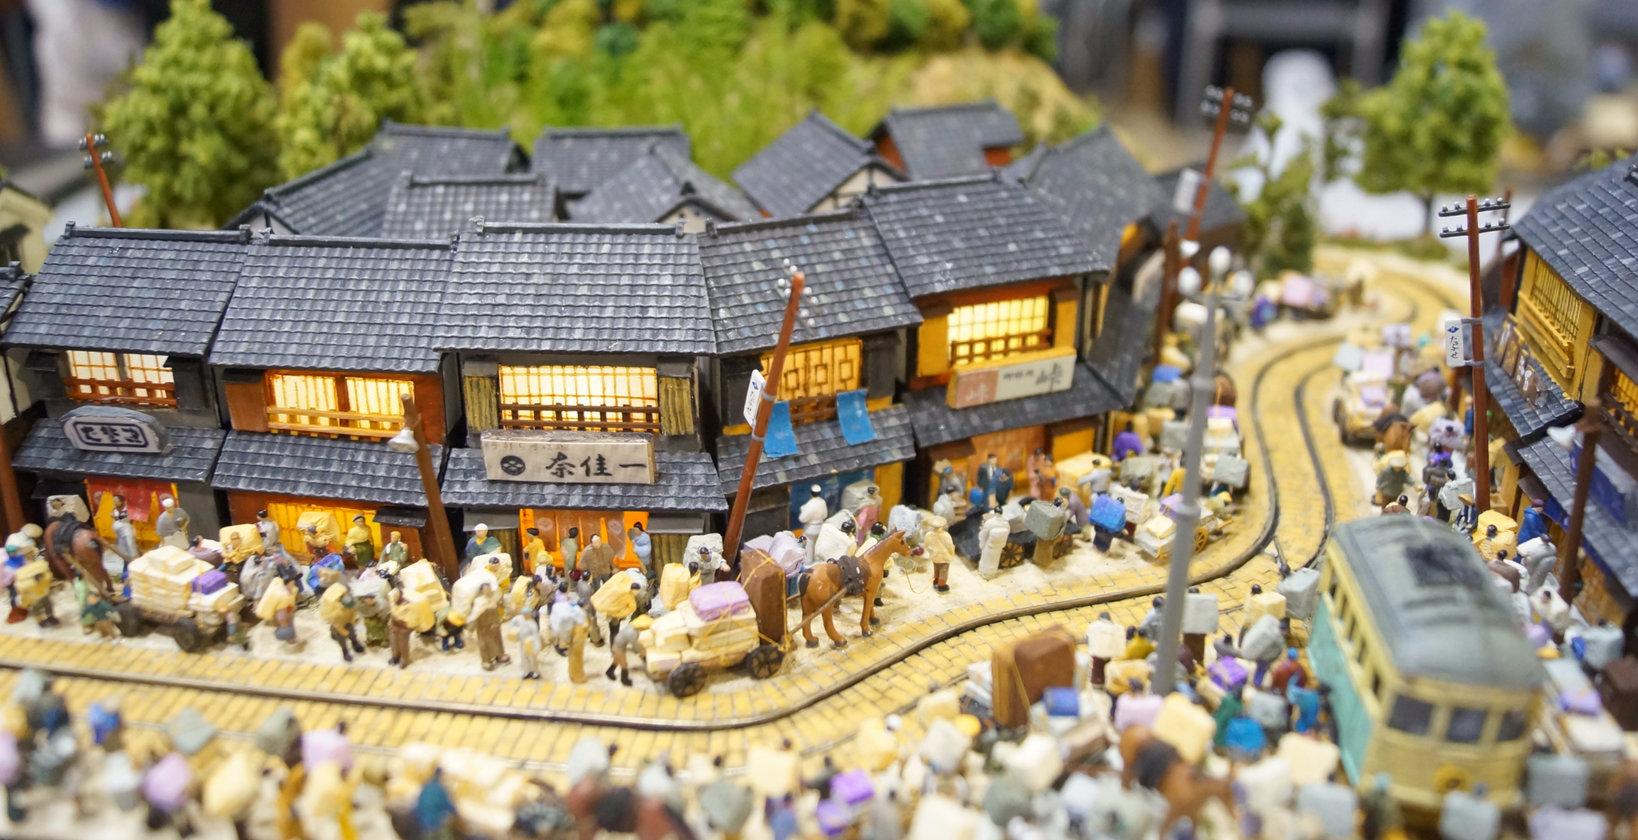 風たちぬ風ジオラマ「大震災後の上野広小路」